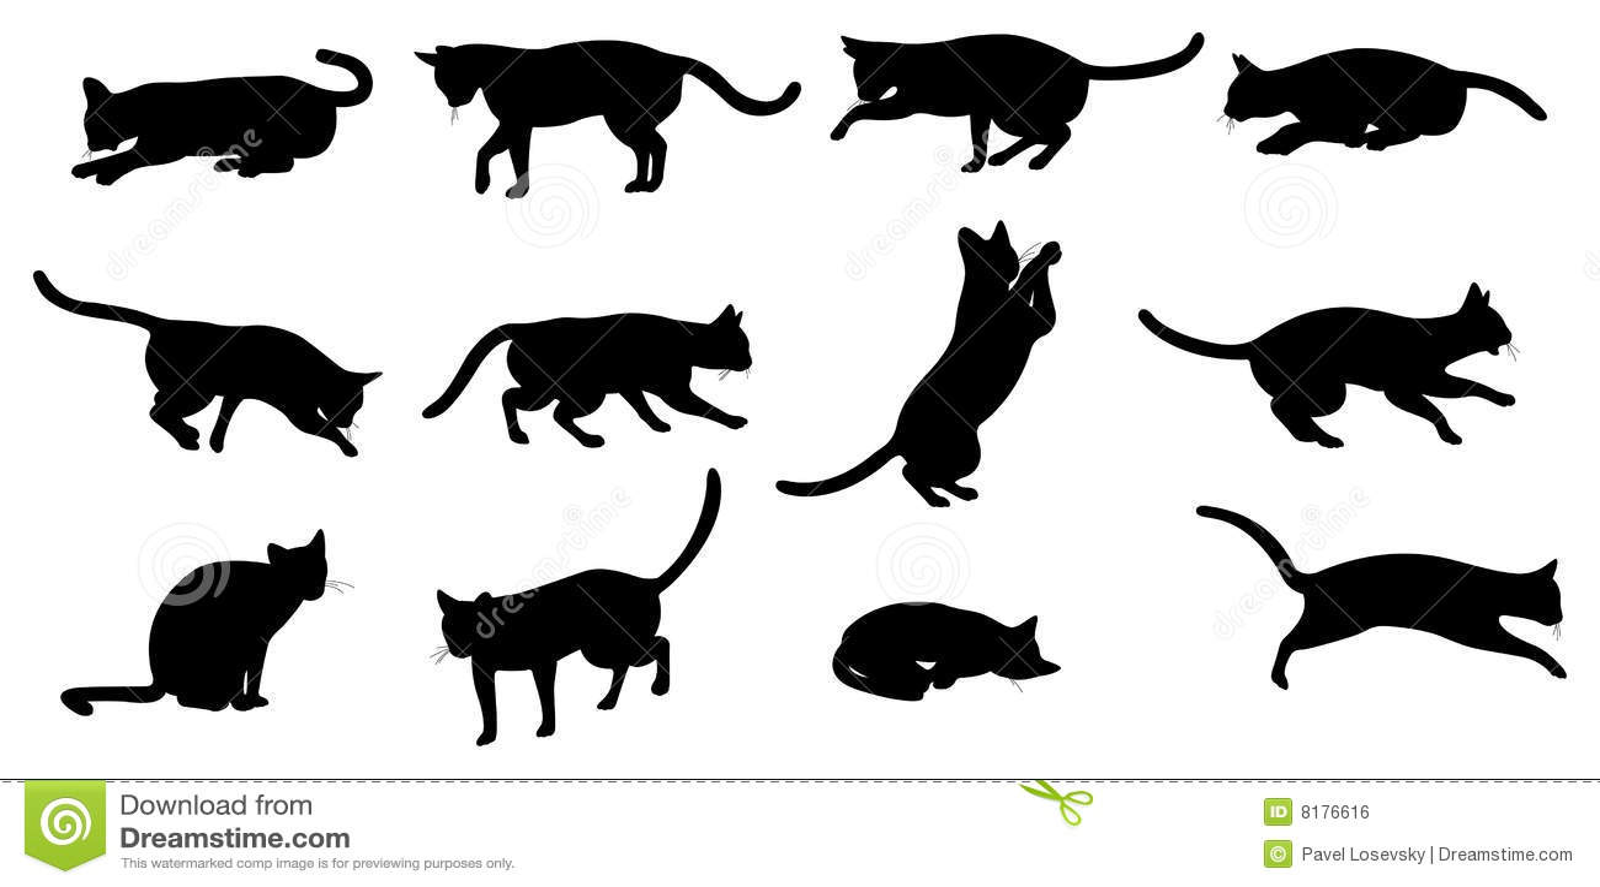 Кот картинки силуэт